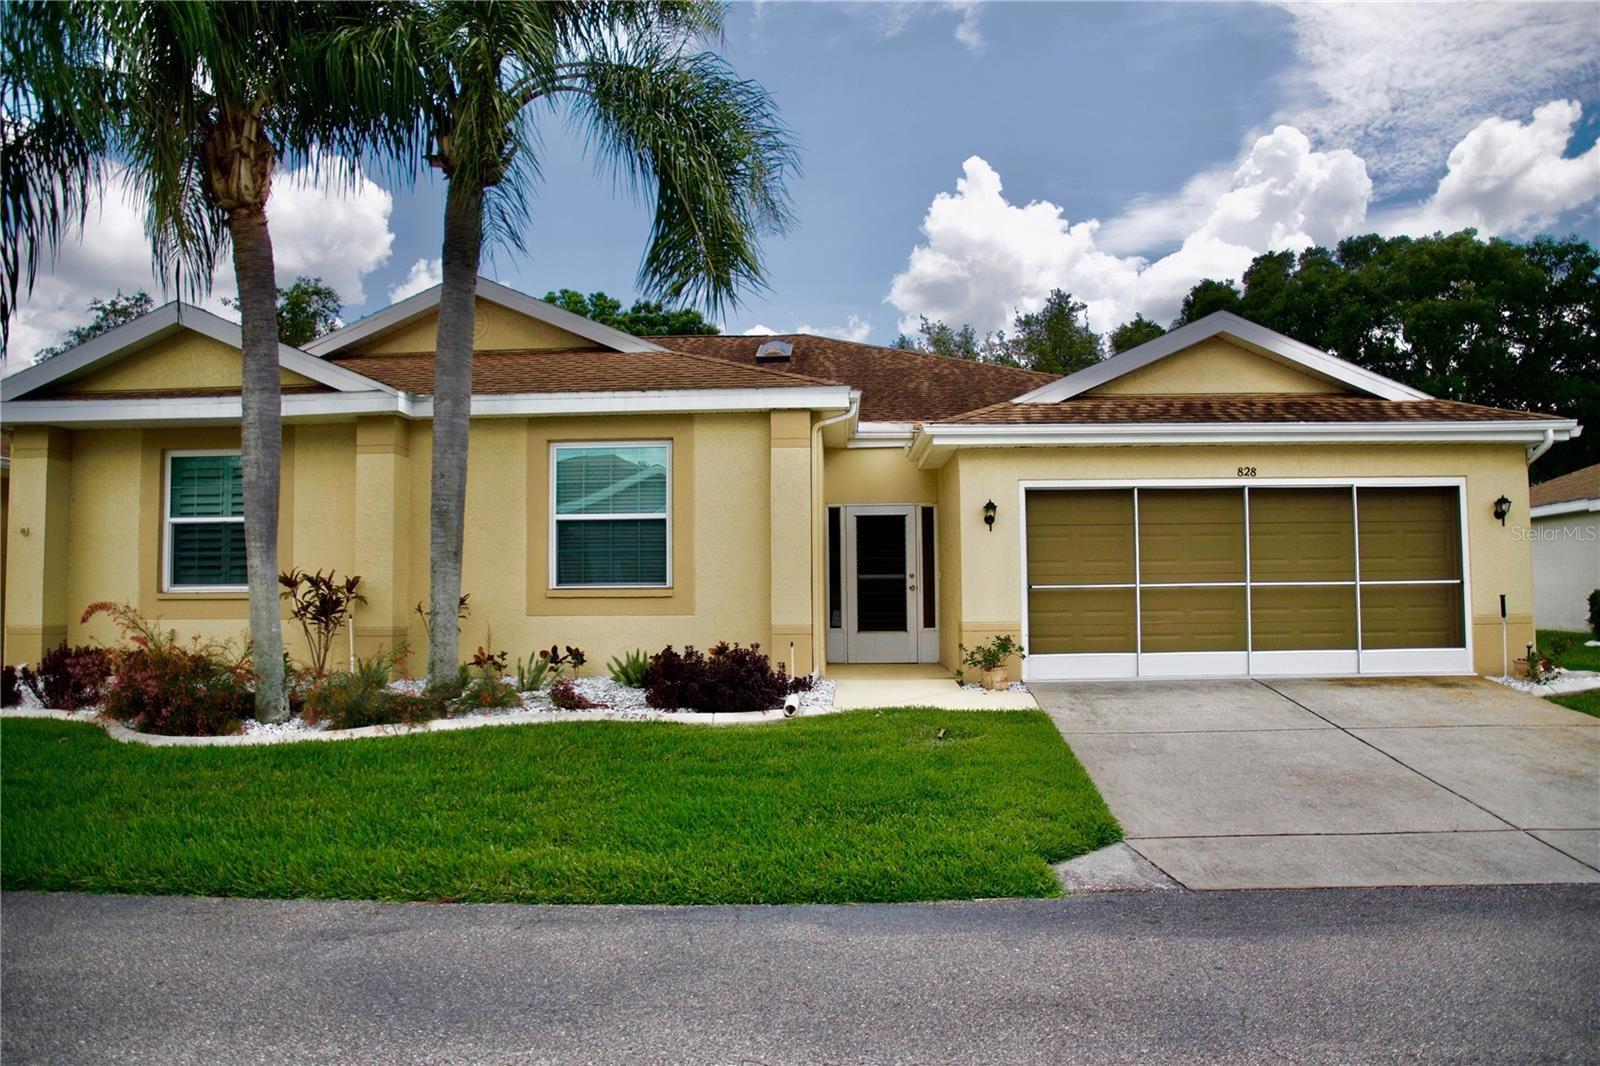 828 MCCALLISTER AVENUE #14, Sun City Center, FL 33573 - #: U8126194